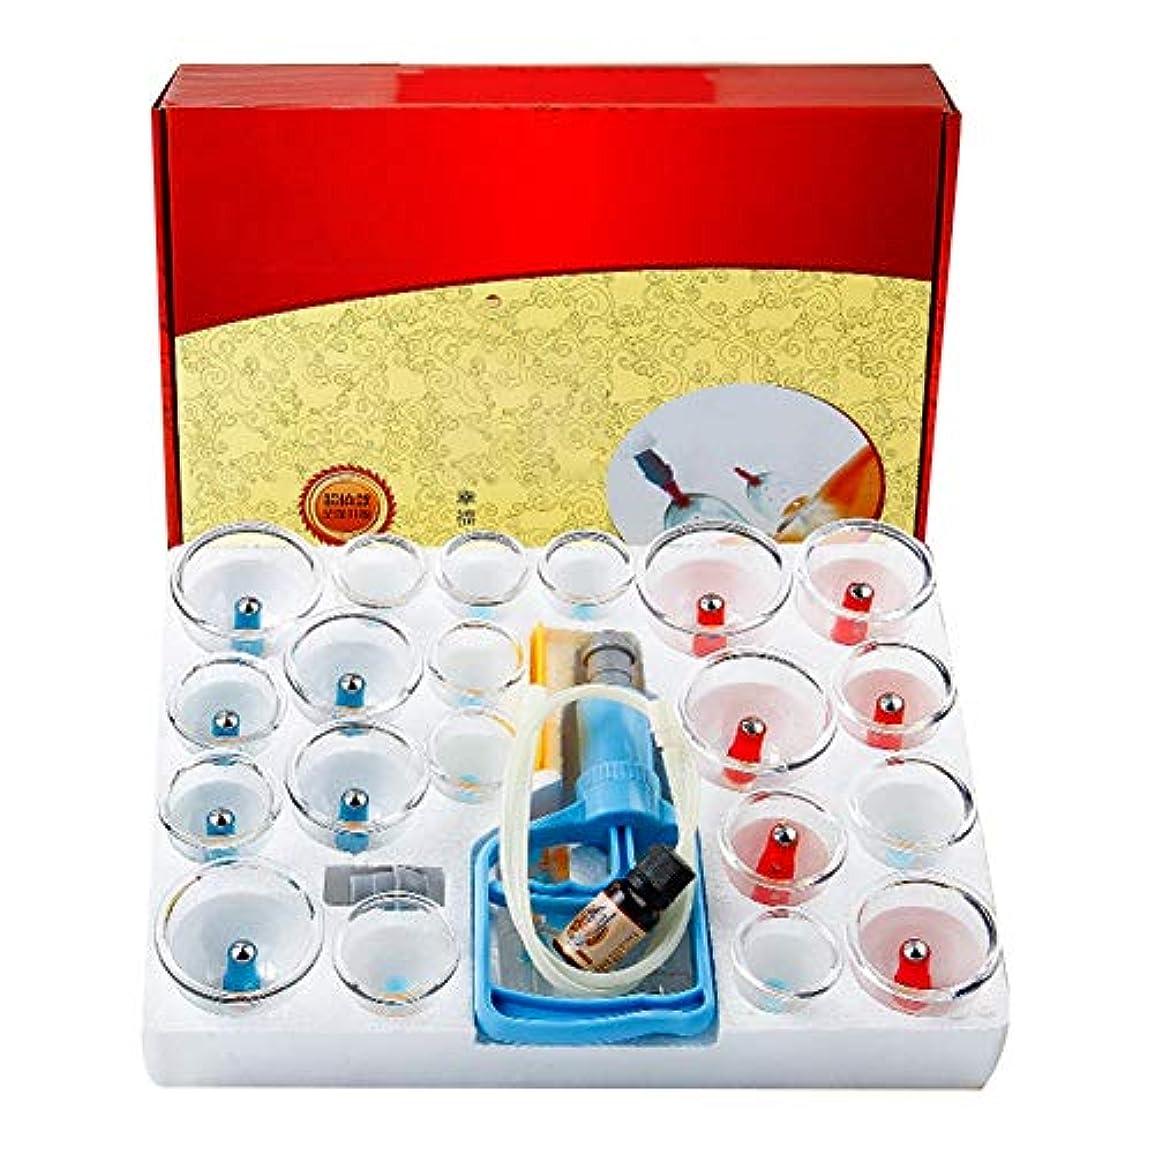 等しい慣れる比べる24カップカッピングセットプラスチック、真空吸引生体磁気、ポンプ付き医療、女性と男性用、ストレスマッスルリリーフ、親家族への最高の贈り物